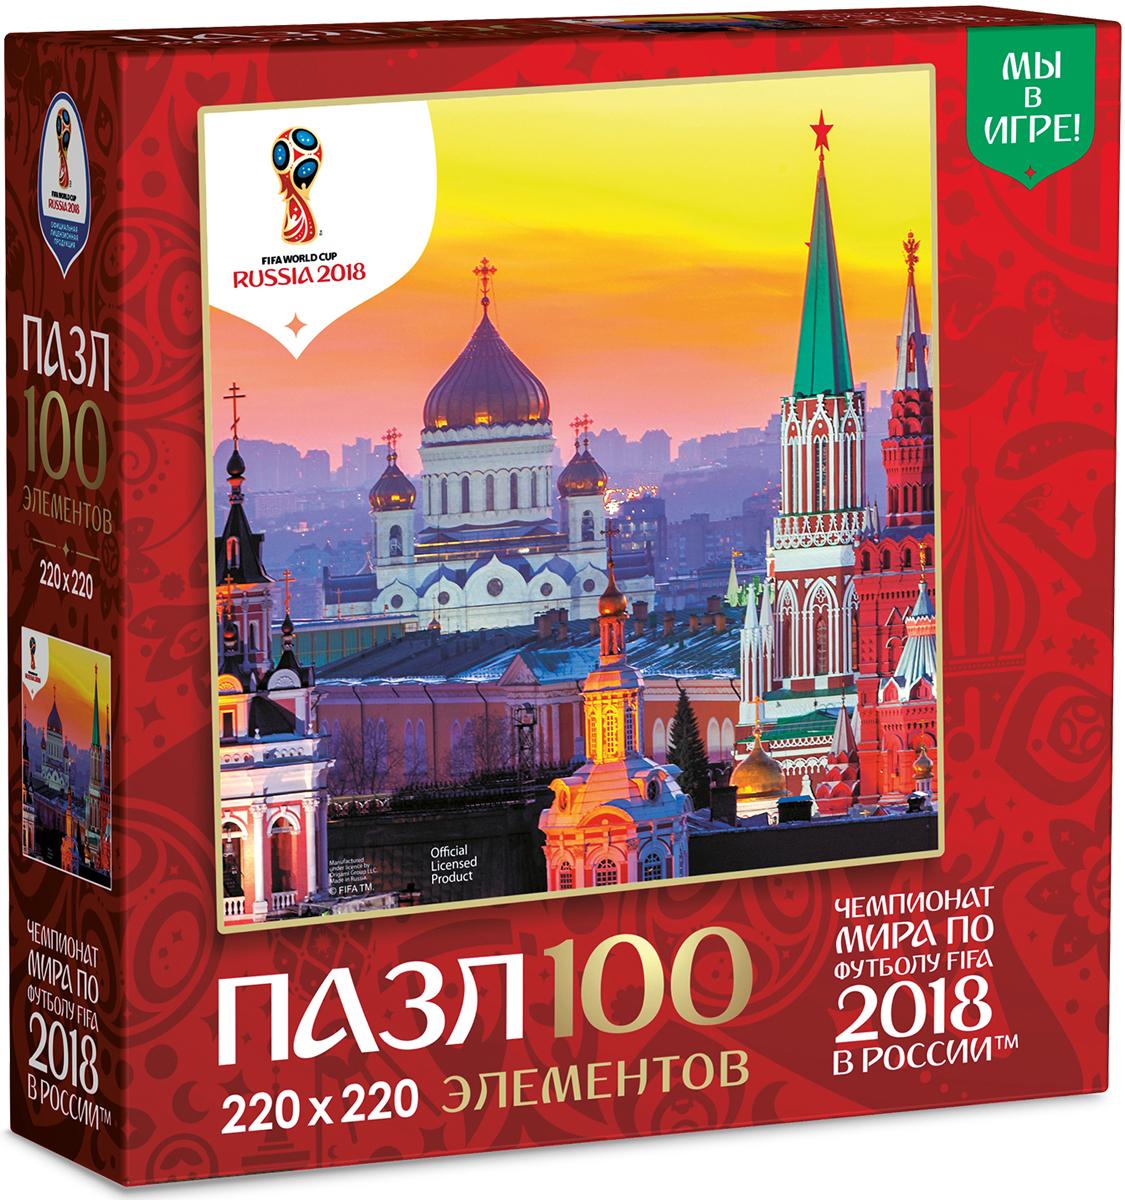 FIFA World Cup Russia 2018 Пазл Города Вечерний закат в Москве 03796